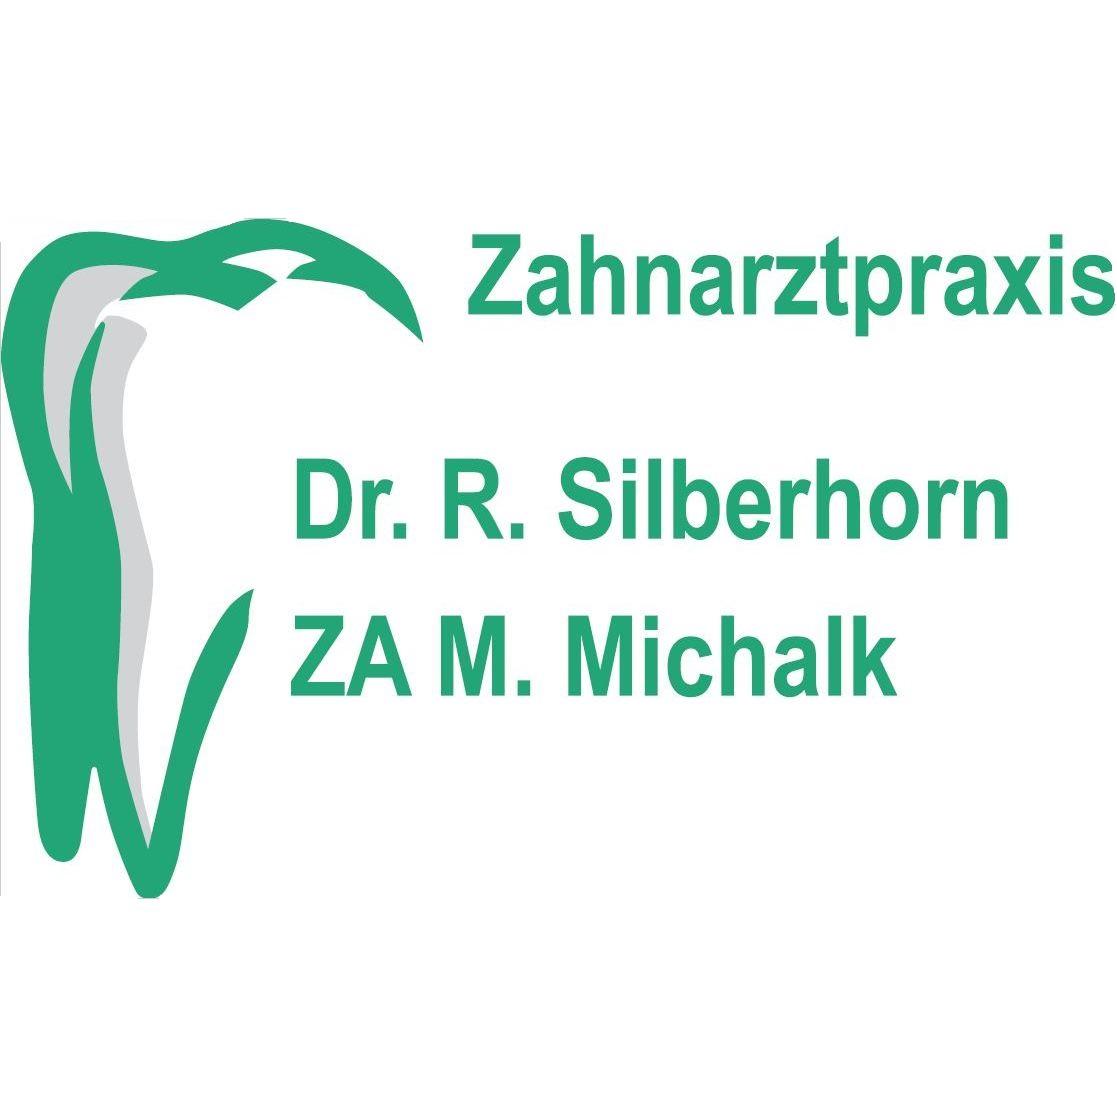 Zahnärzte Dr. Reiner Silberhorn u. Martin Michalk